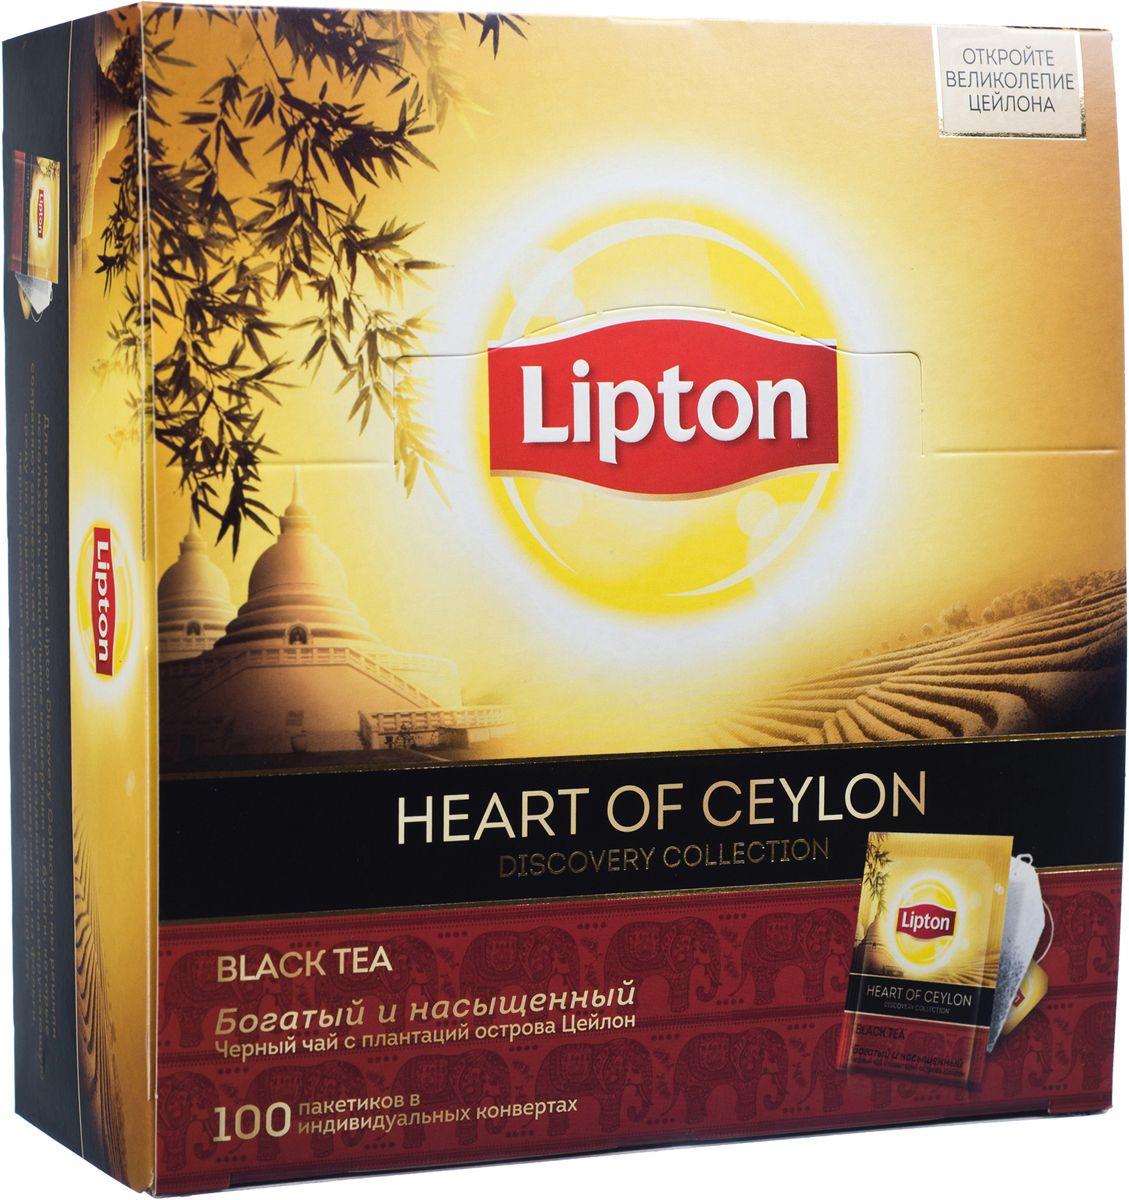 Lipton Черный чай Heart of ceylon 100 шт21187772Классический черный чай Lipton Heart of Ceylon с острова Цейлон с красно-янтарным оттенком настоя откроет великолепие жемчужины Индийского океана. Нежные чайные листочки, выращенные под теплыми лучами солнца, дарят чаю Lipton насыщенный вкус и превосходный богатый аромат.Секрет чая Lipton - многолетний опыт в купажировании чая и новые технологии, которые позволяют дополнительно обогащать чай натуральным соком из свежих чайных листьев.